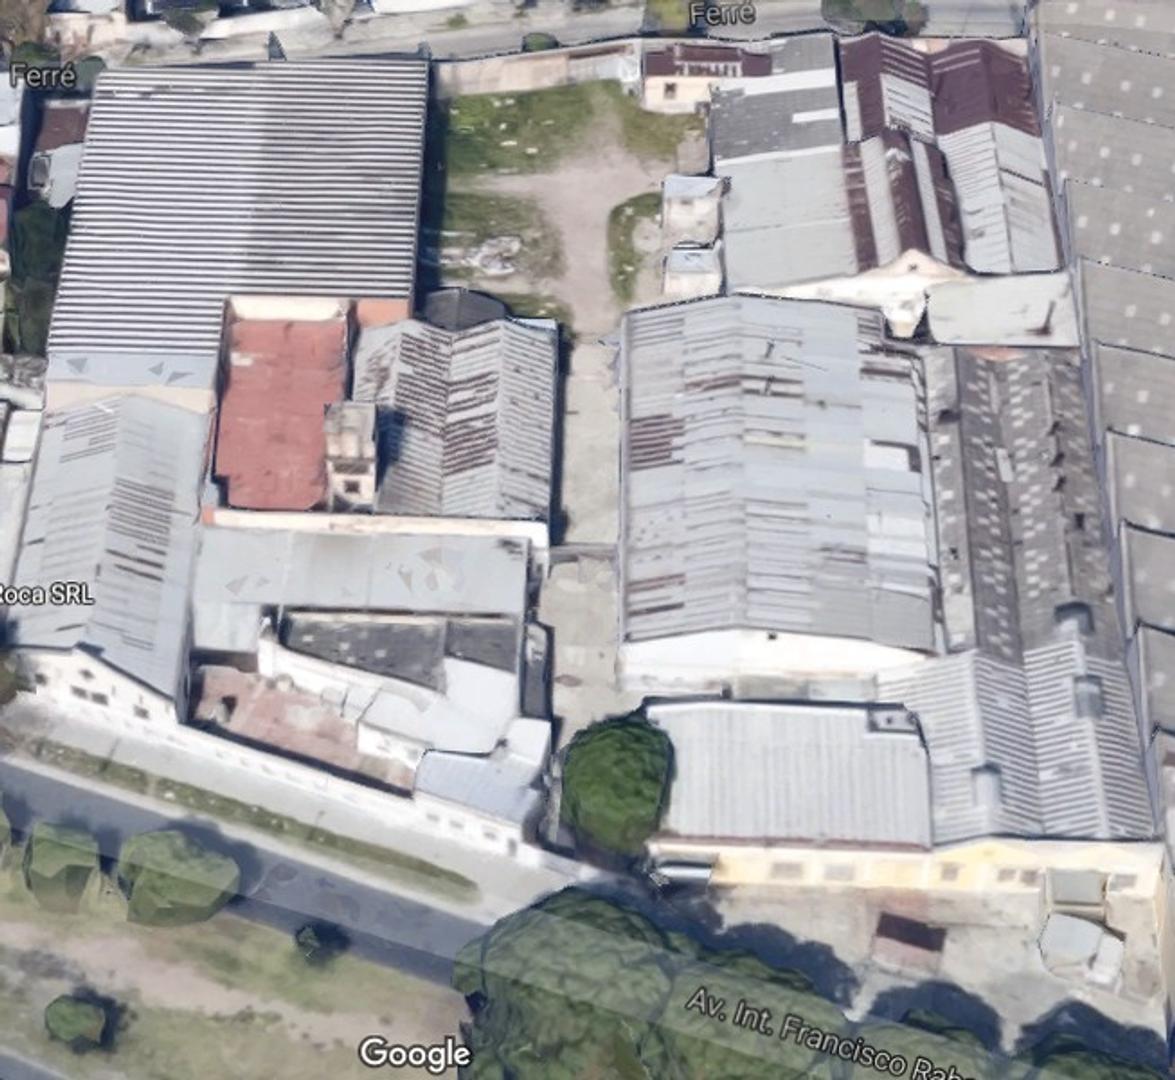 Nave Industrial en venta de 12300 m2 de terreno y 8000 m2 construidos en depósito y local